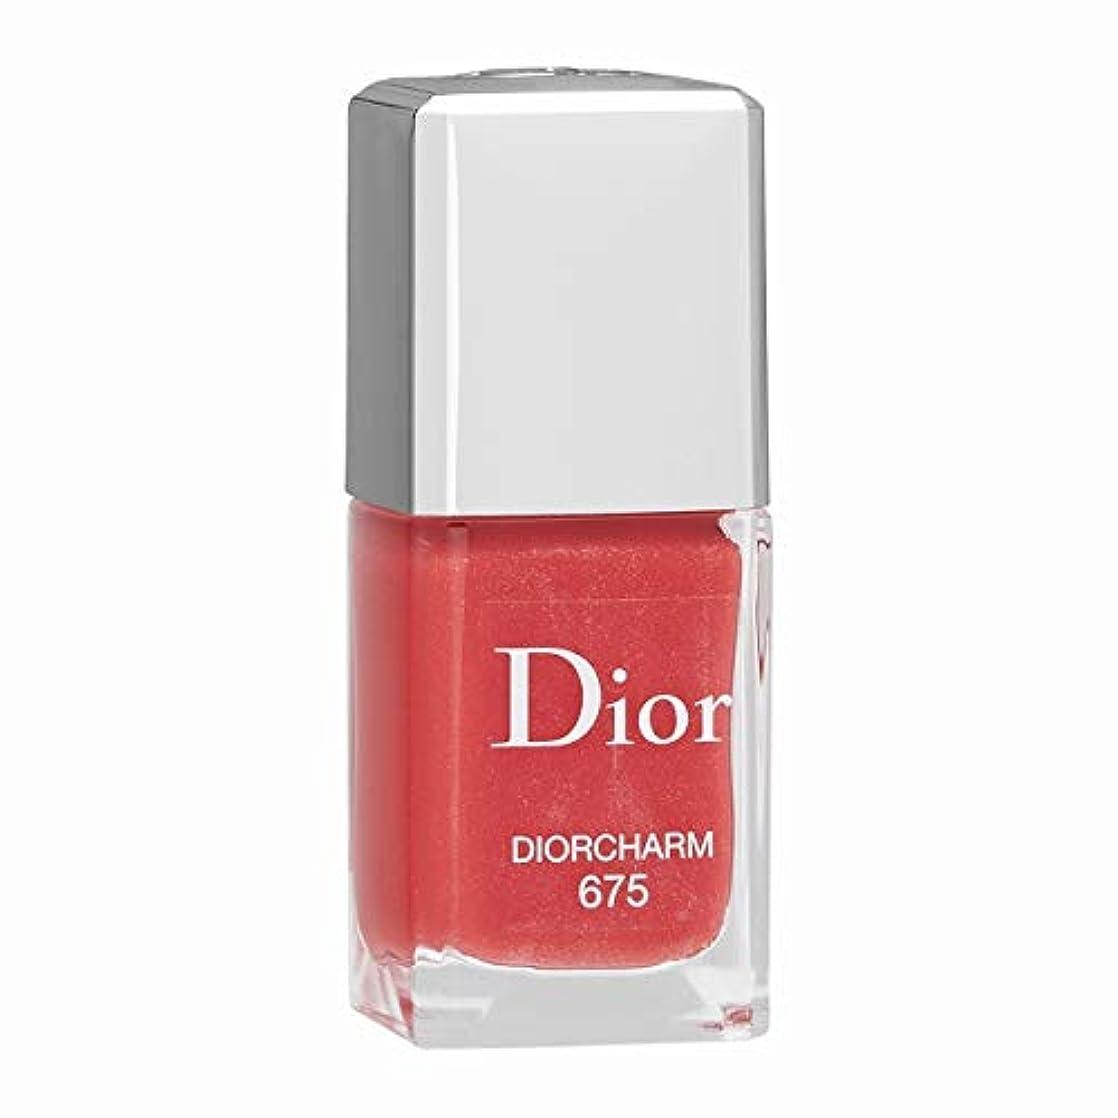 タイプ父方のステージディオール(Dior) ディオール ヴェルニ #675(ディオールチャーム) [並行輸入品]